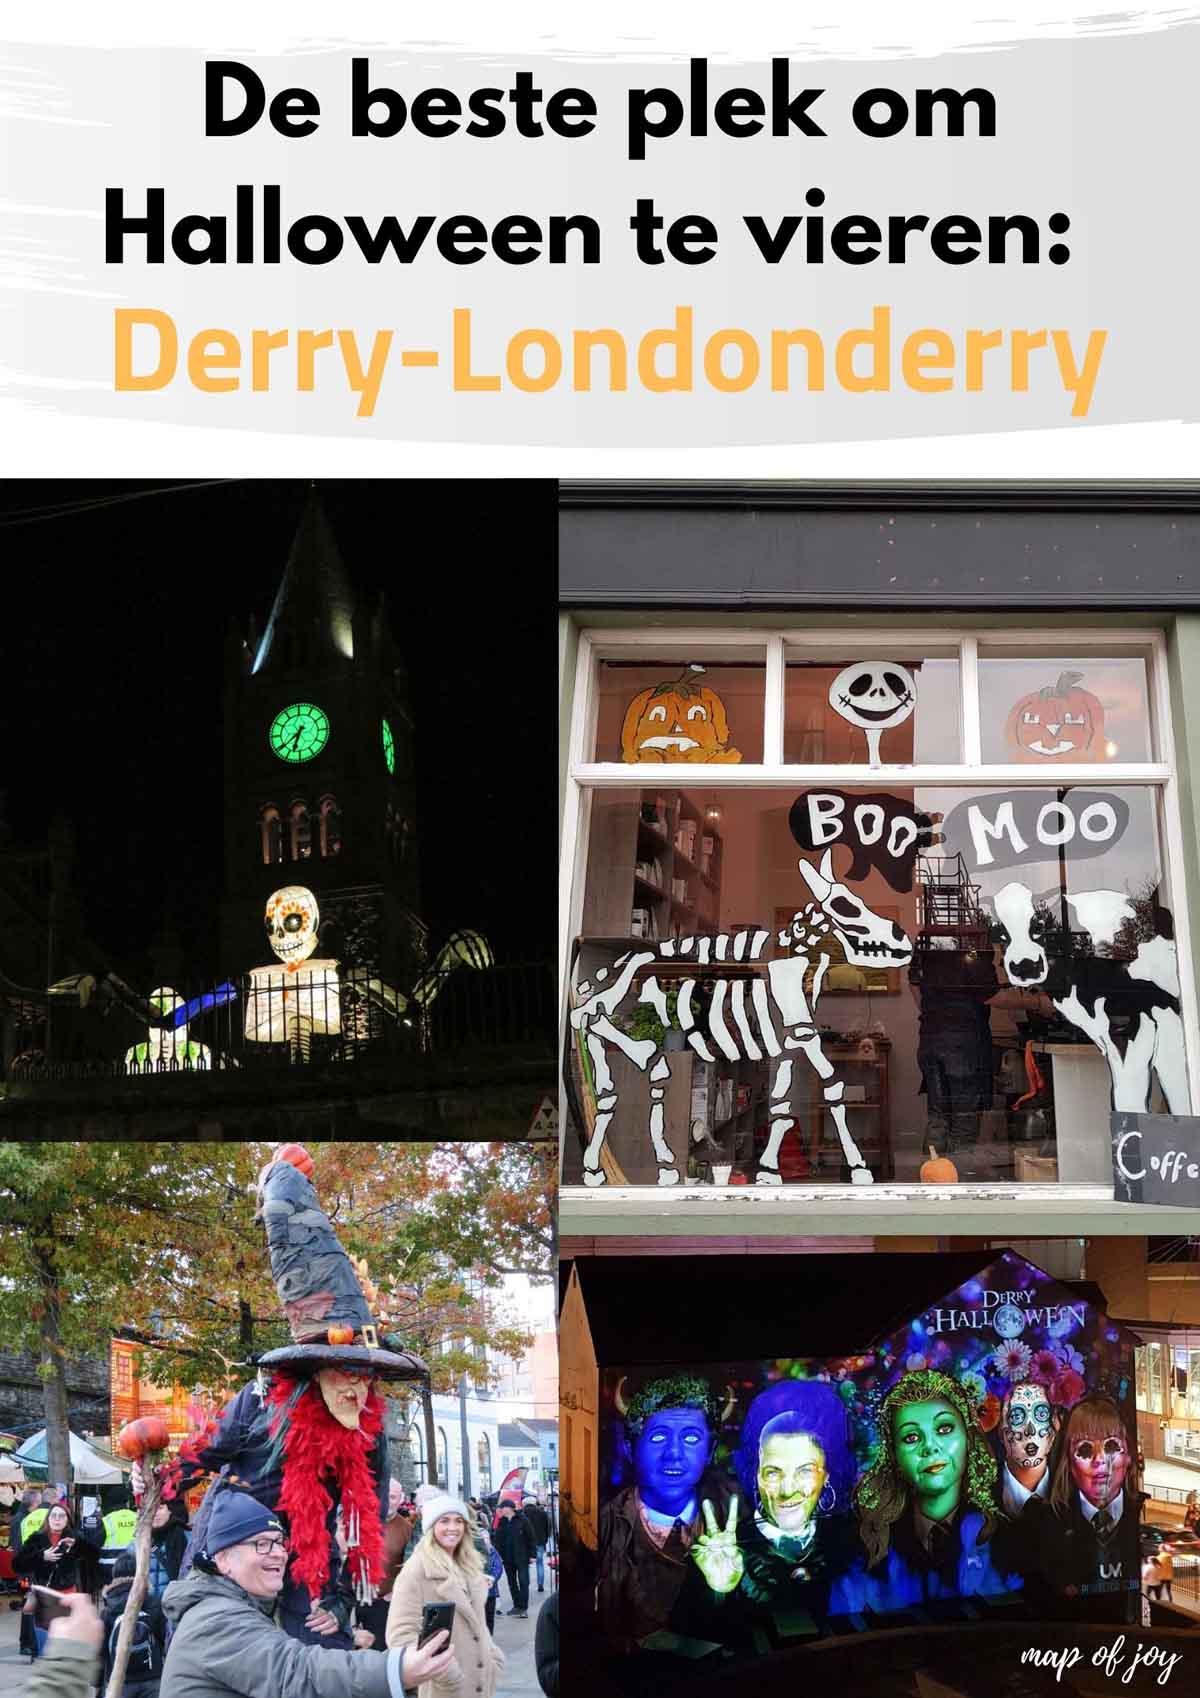 De beste plek om Halloween te vieren: Derry-Londonderry - Map of Joy